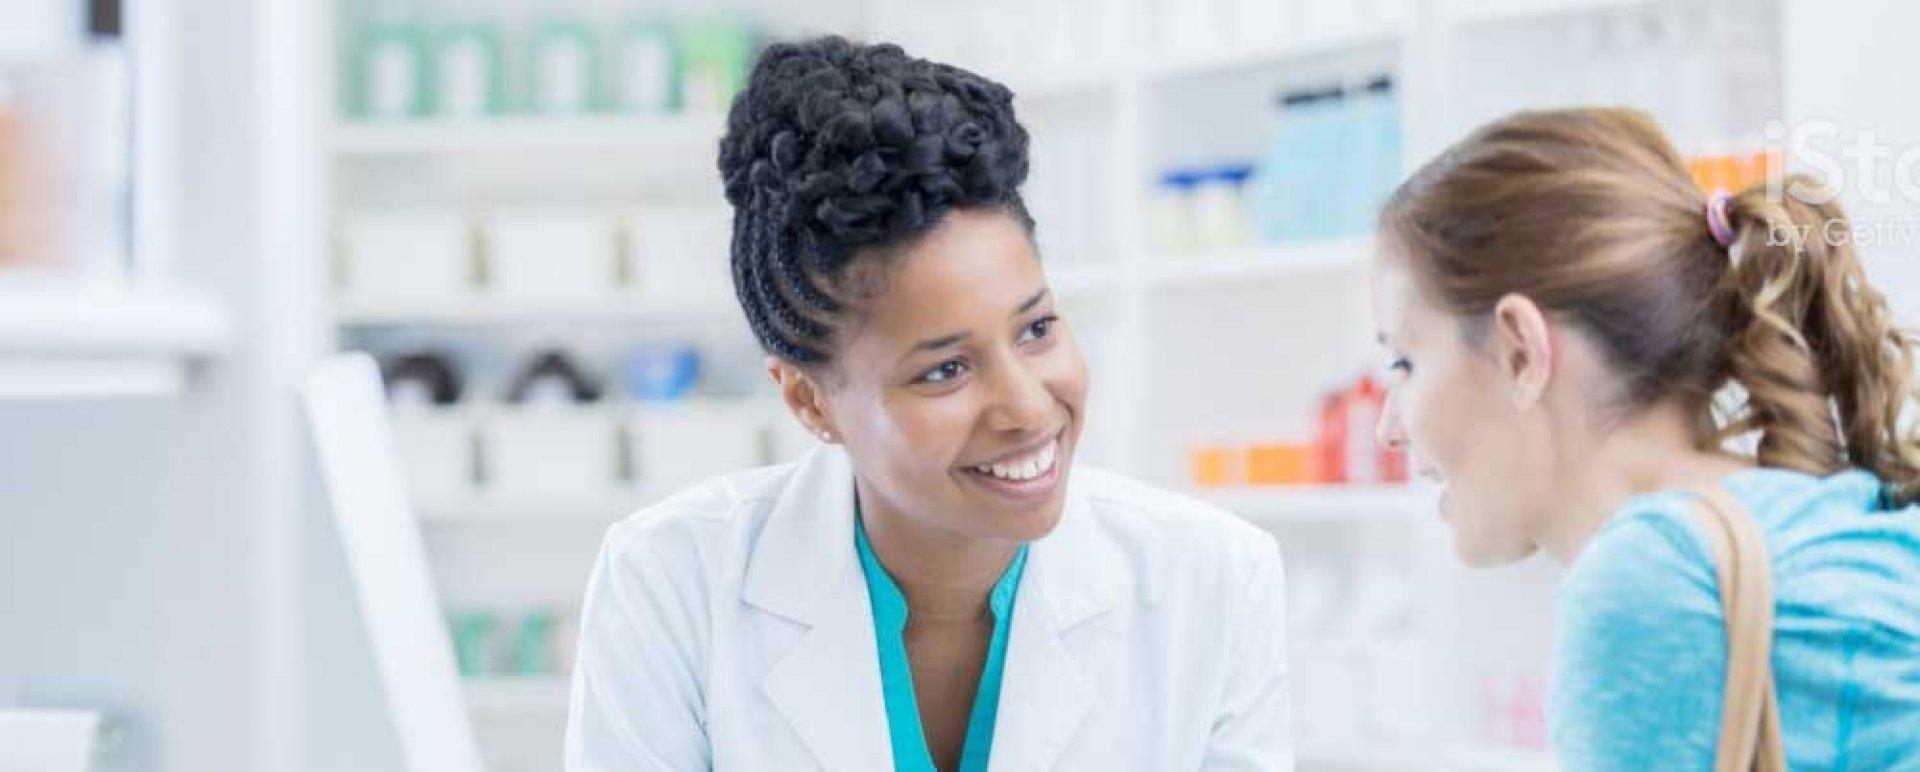 CFF articula PL prevendo piso salarial de R$ 6,5 mil para o farmacêutico